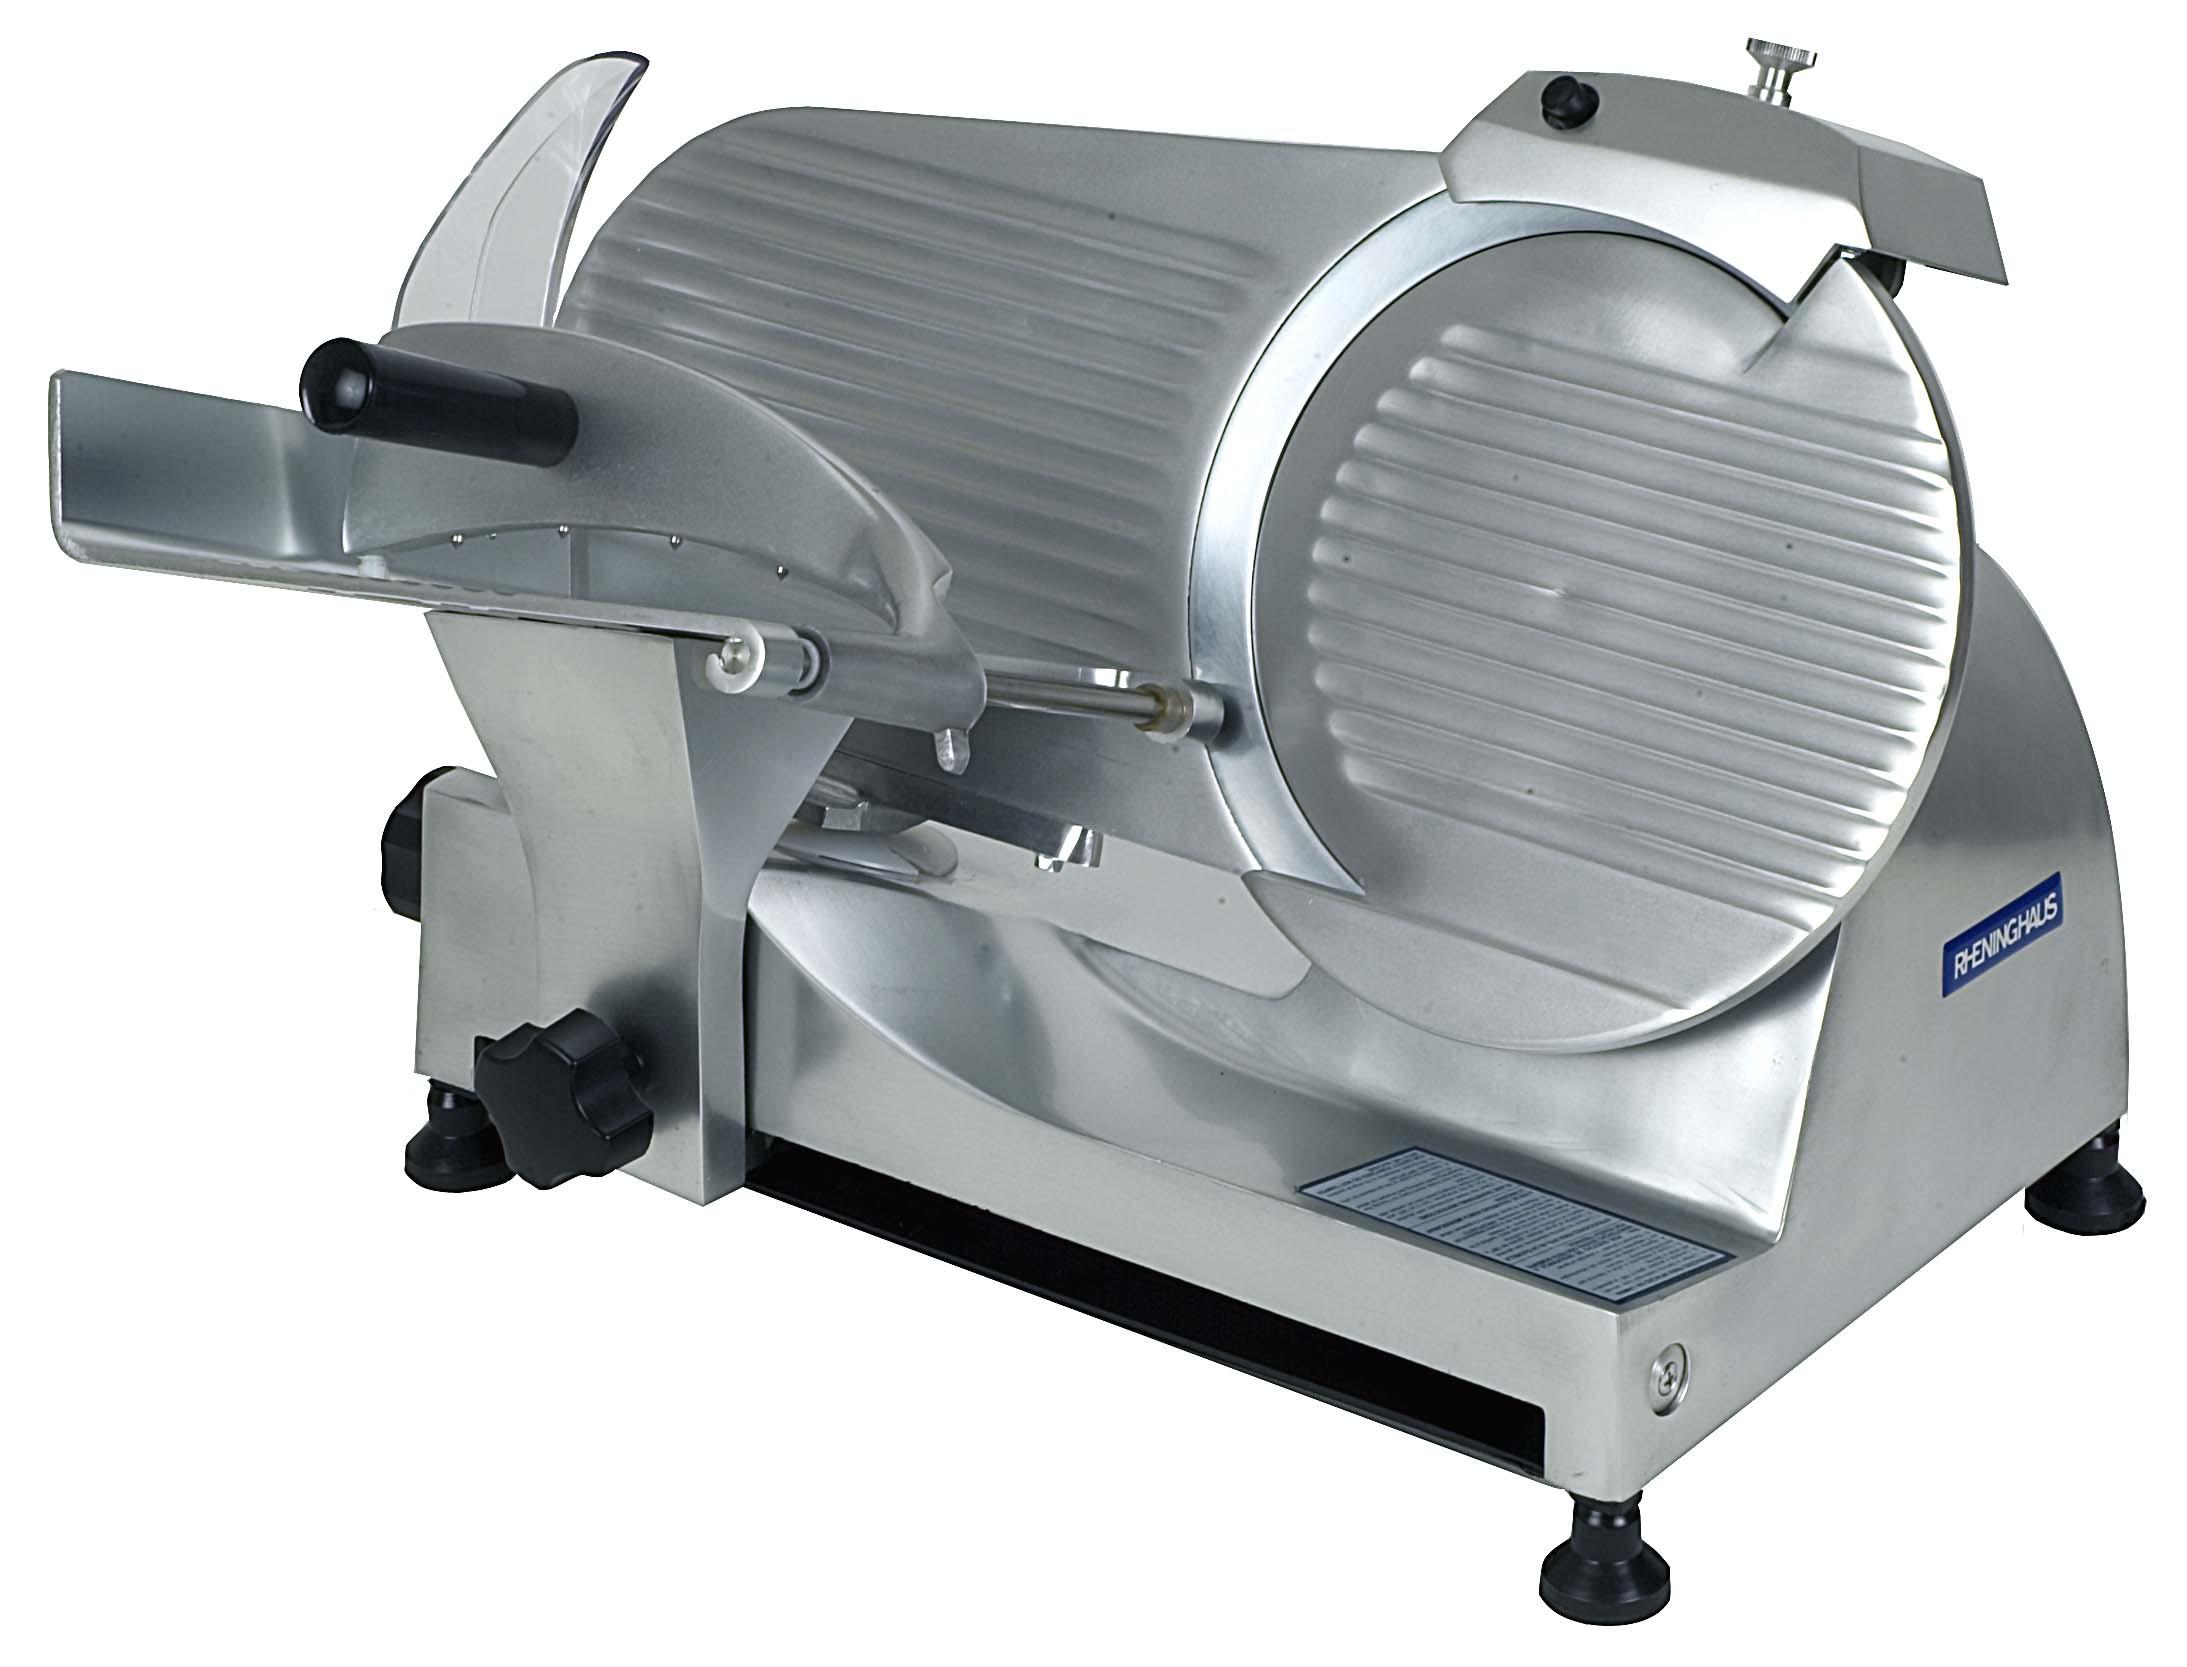 sla0280--slicer-rheninghaus-argenta--280mm